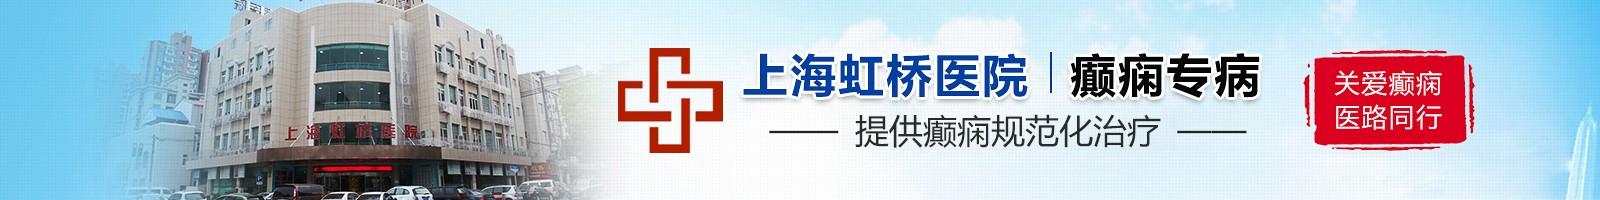 上海虹桥医院-上海哪个治疗癫痫病医院最好